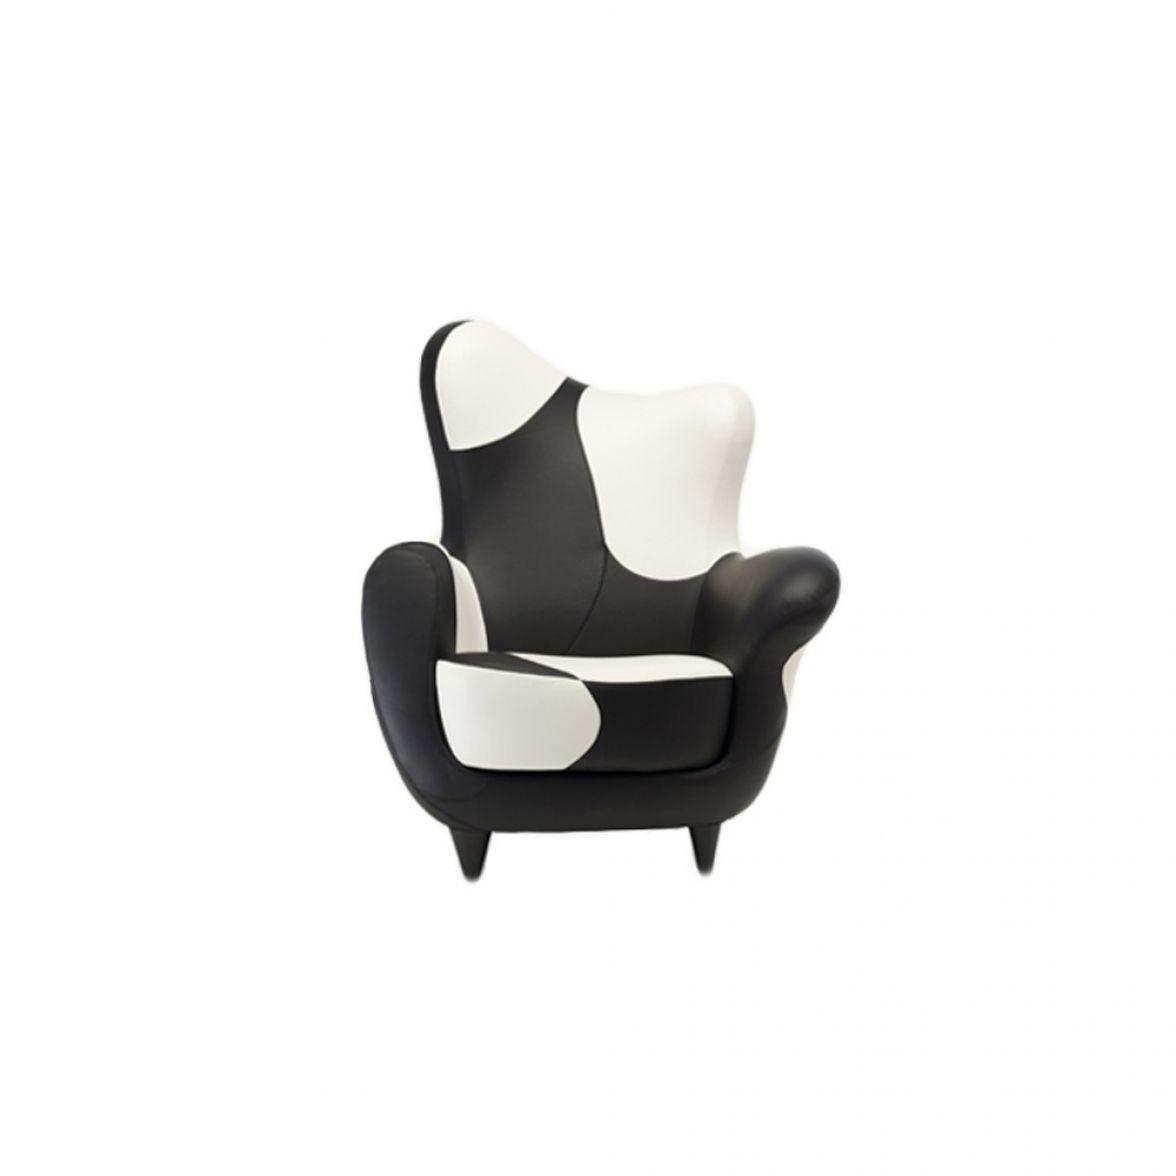 Alessandra armchair